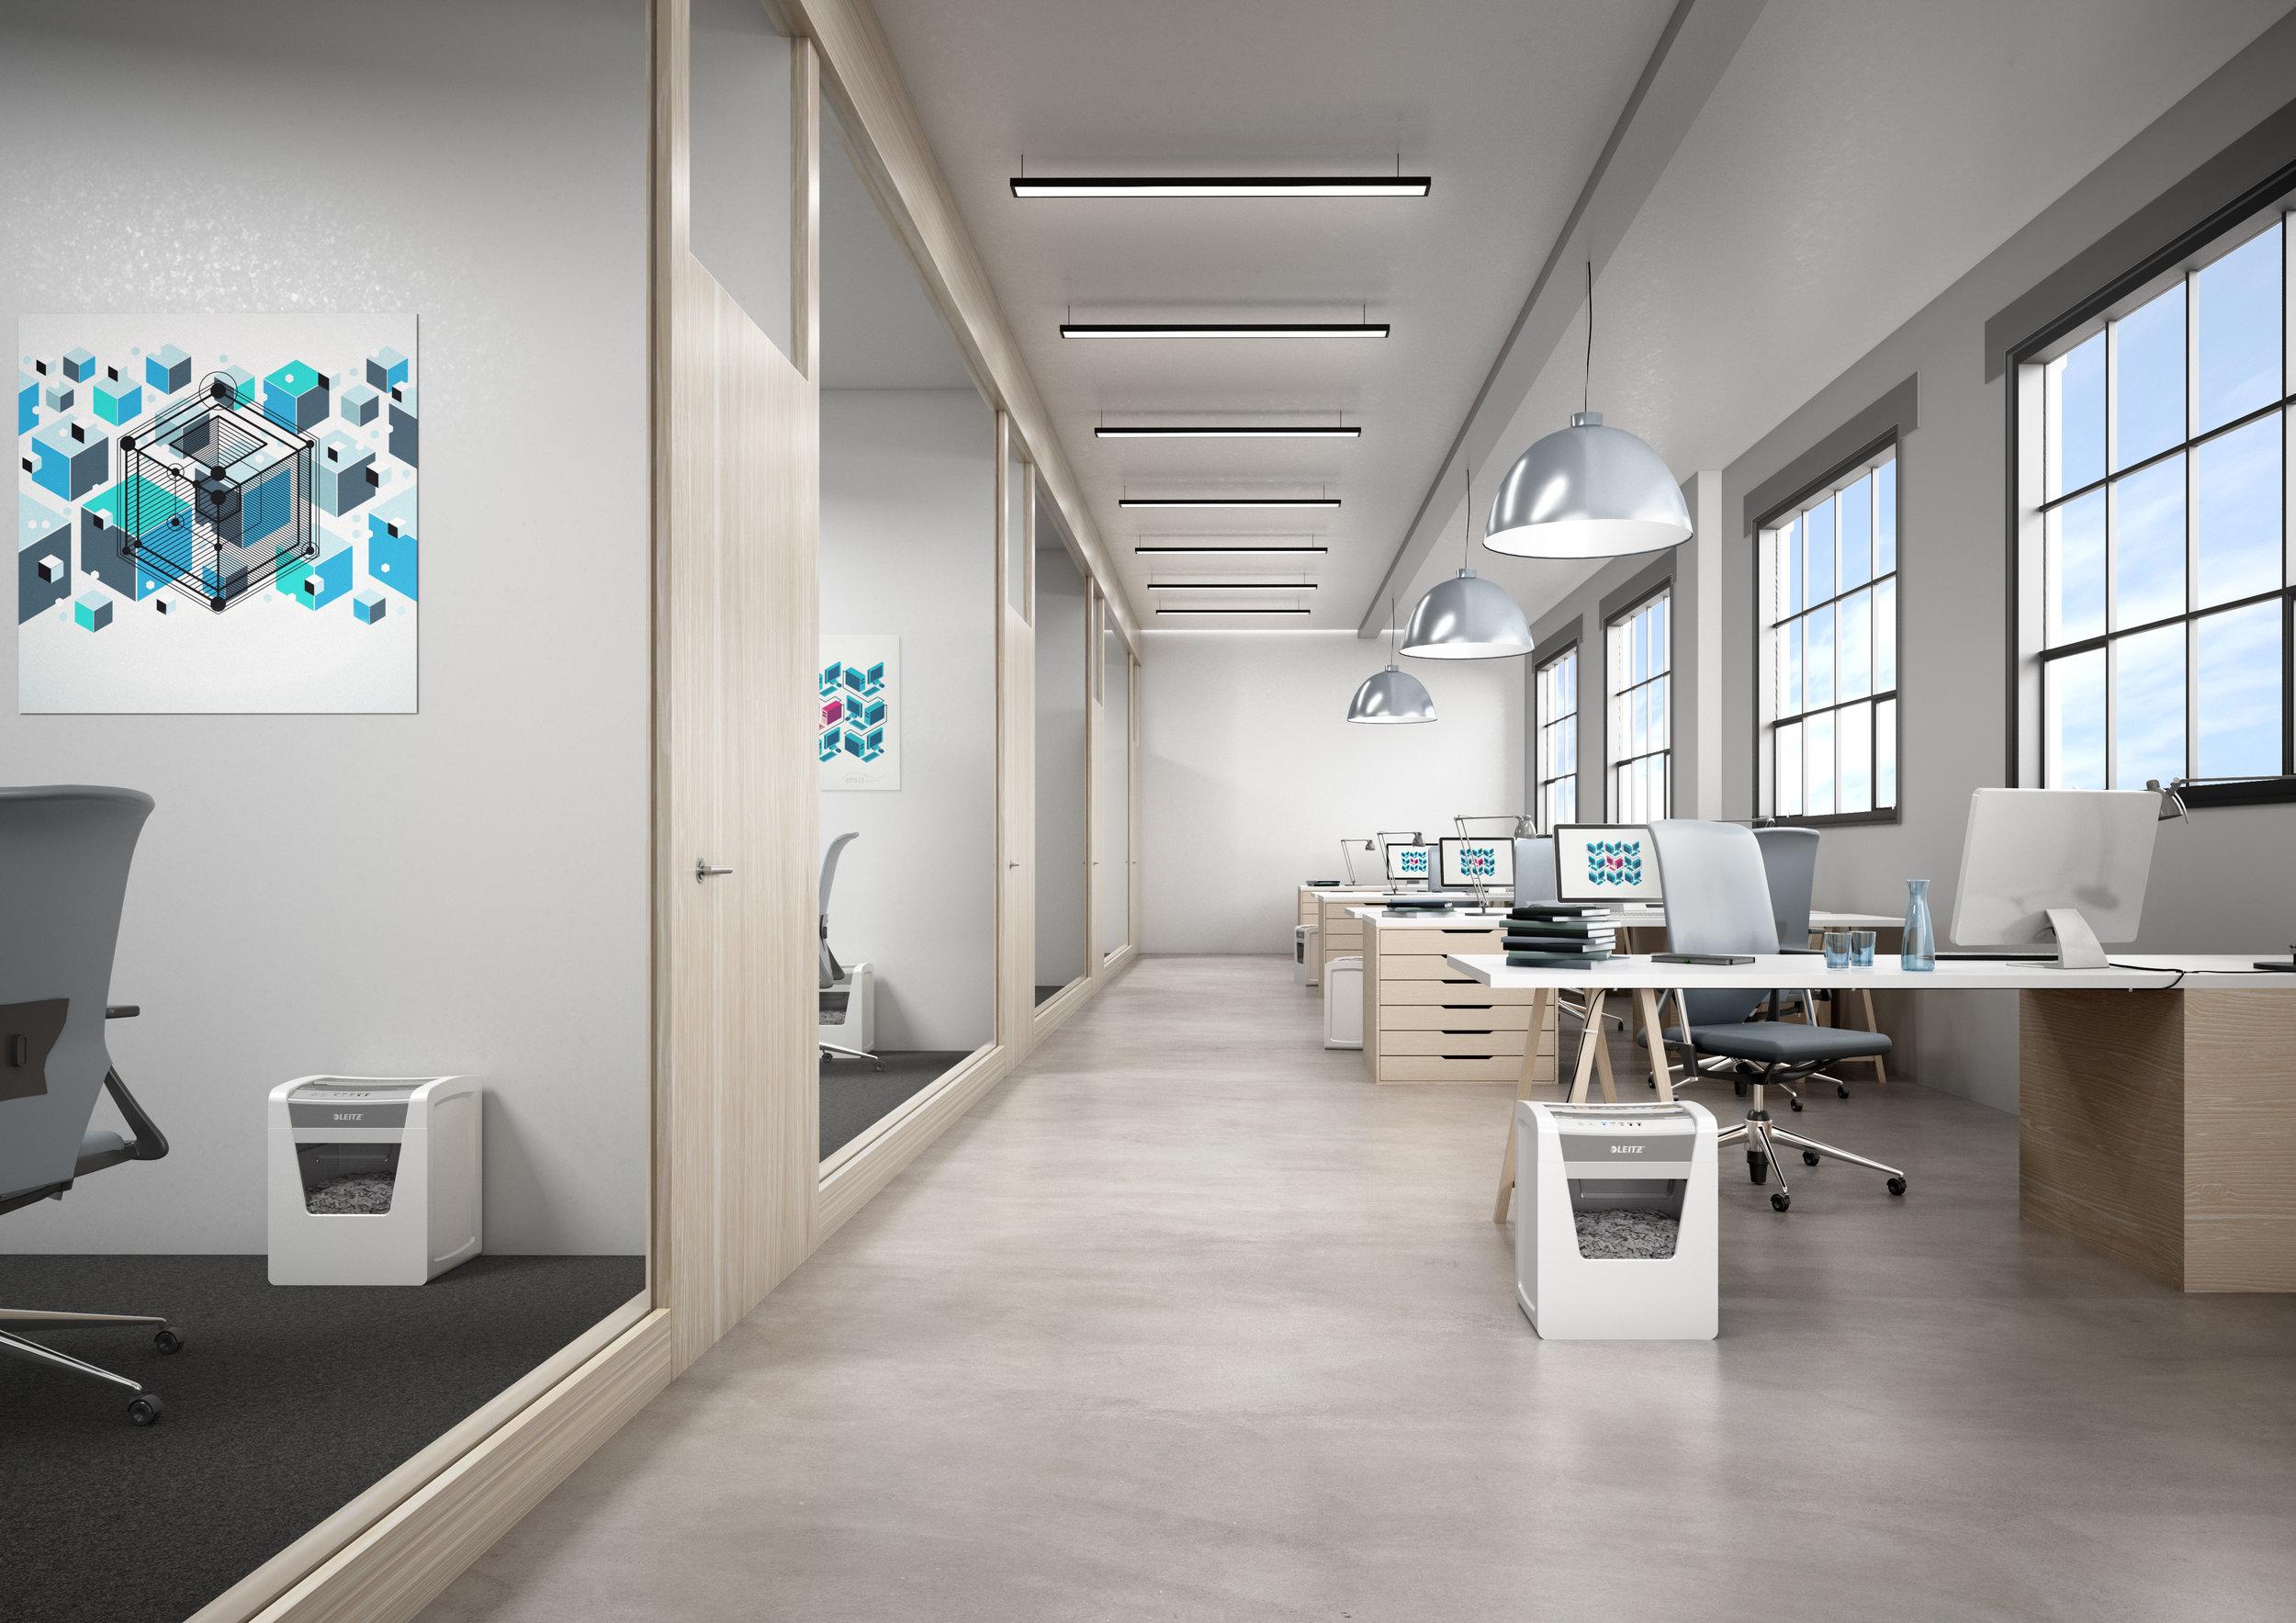 office_department_06_render06_RGB.jpg